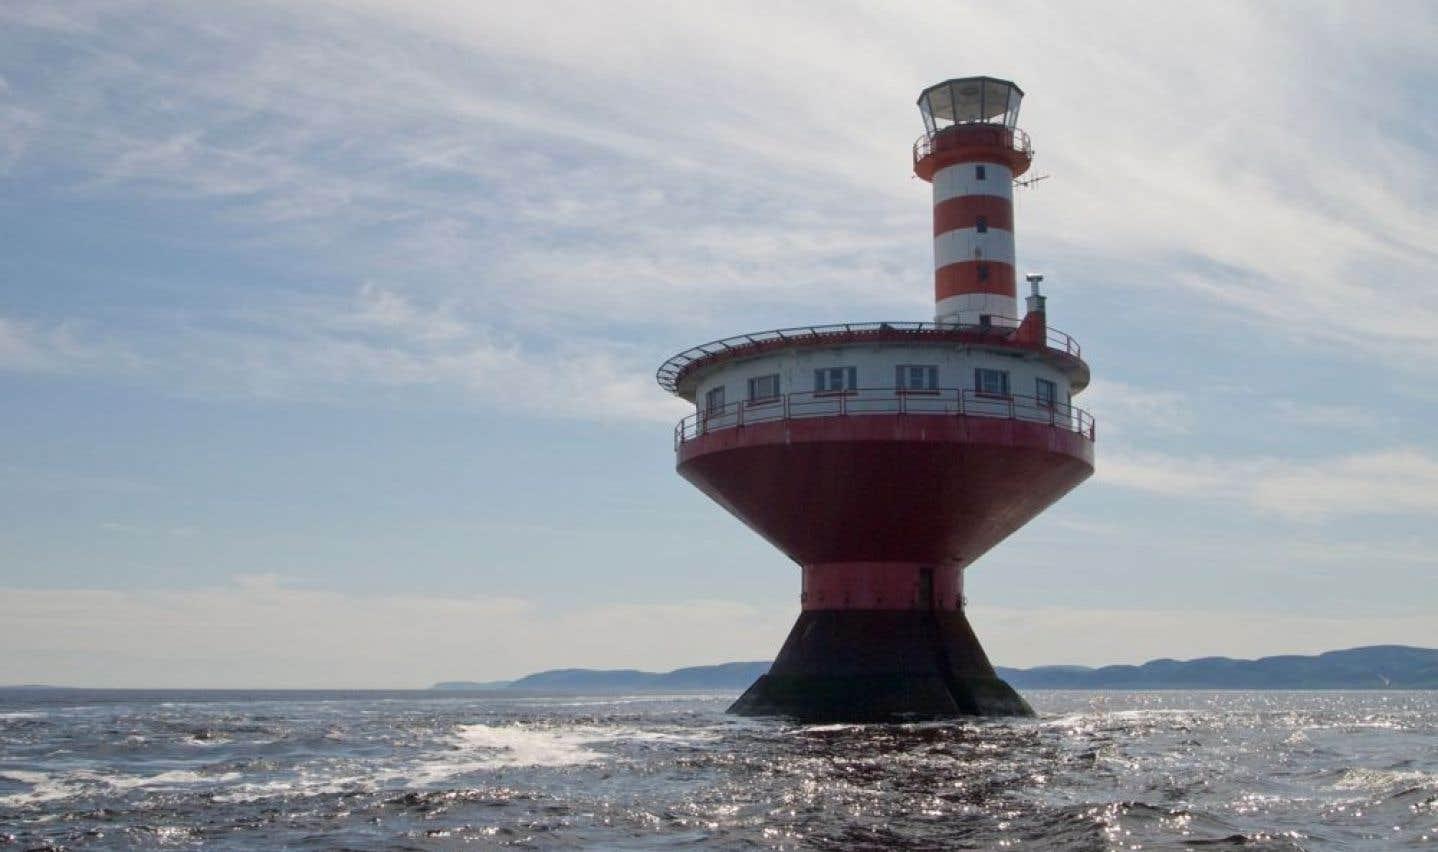 La baisse de l'oxygène dans les eaux du Saint-Laurent inquiète les chercheurs